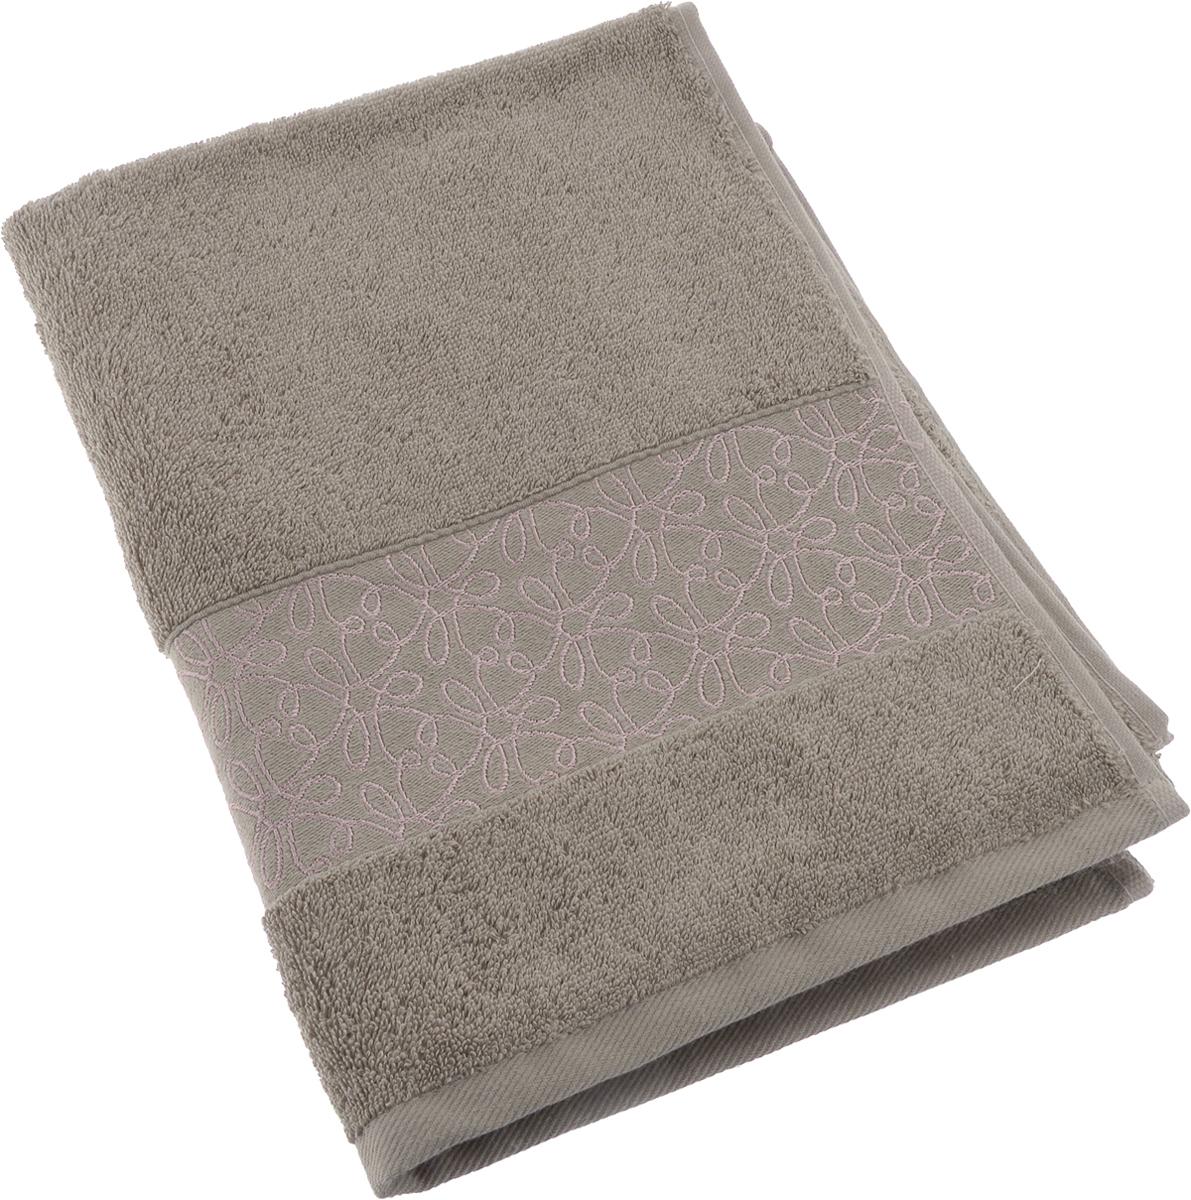 Полотенце махровое Issimo Home Perin, цвет: коричневый, 50 х 90 см00000005487Прекрасное полотенце Issimo Home Perin выполнено из натуральной махровой ткани (100% хлопок). Изделие отлично впитывает влагу, быстро сохнет и не теряет форму даже после многократных стирок.Рекомендации по уходу:- режим стирки при 40°C,- допускается обычная химчистка,- отбеливание запрещено,- глажка при температуре подошвы утюга до 110°С,- барабанный отжим запрещен.Размер полотенца: 50 x 90 см.